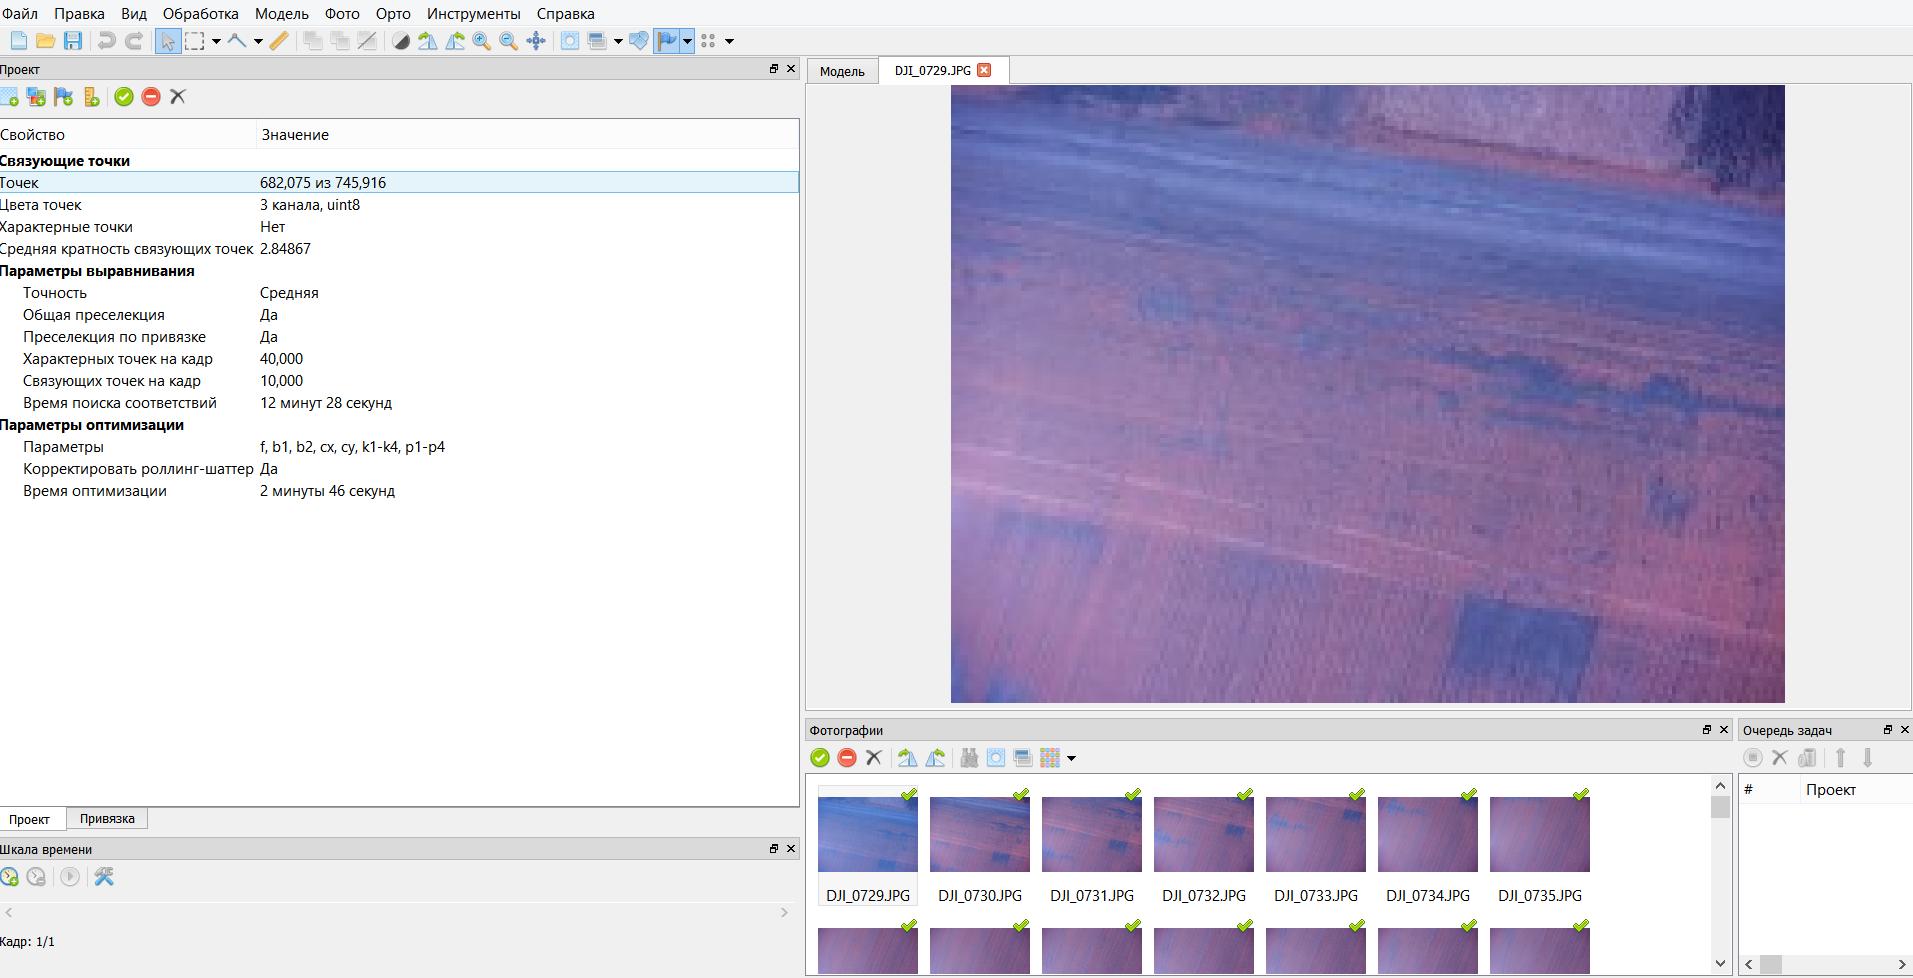 word image 162 Использование цифровых технологий для производства, оценки урожая, сбора, хранения сельскохозяйственной продукции (в т.ч. индекс NDVI)